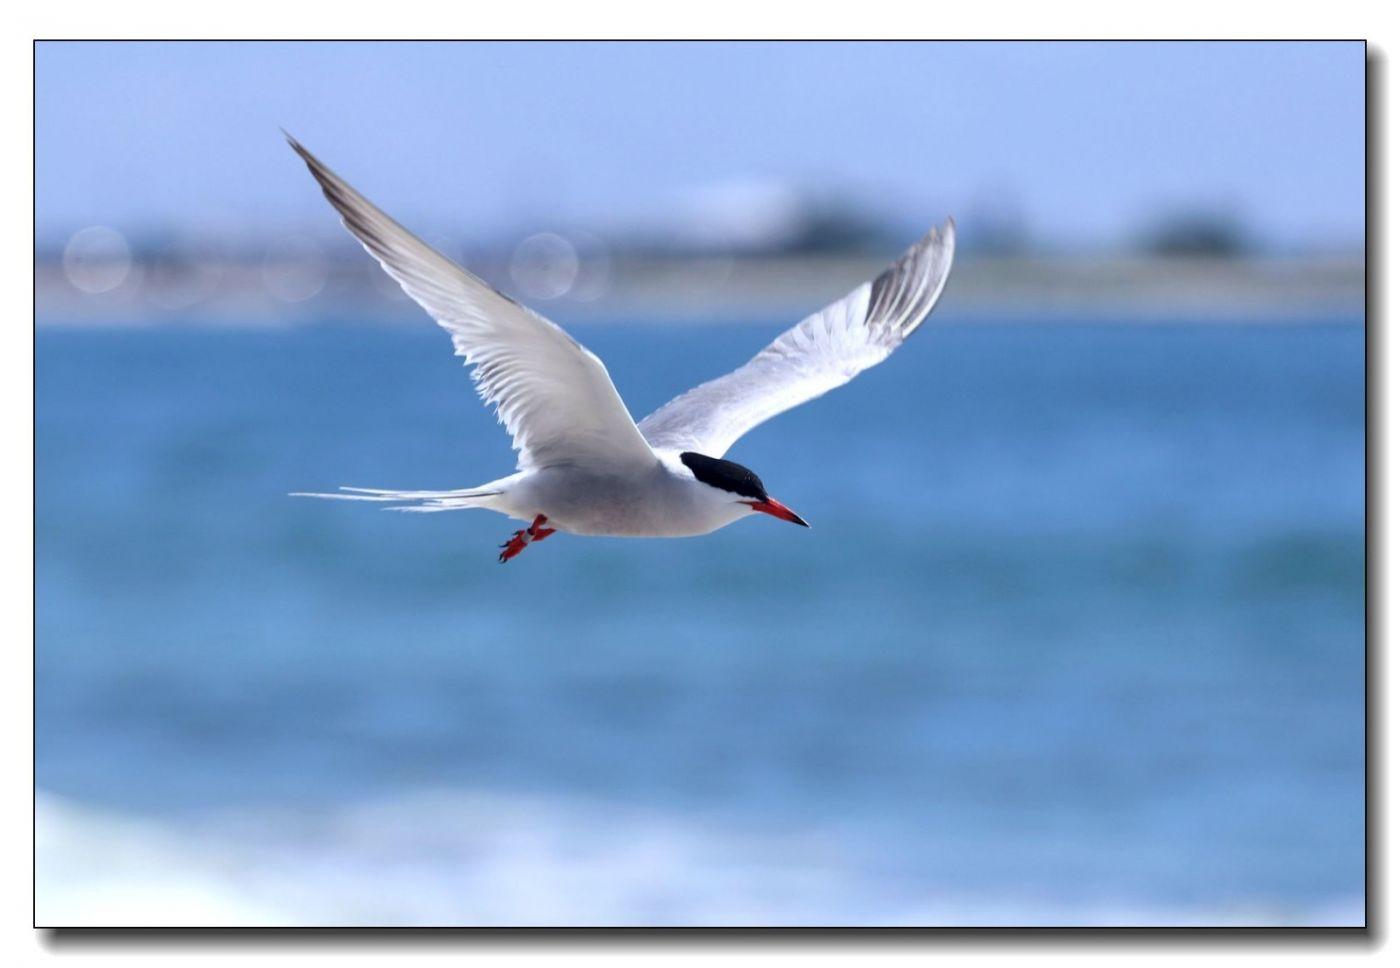 洛克威海滩拍鸟-燕鸥_图1-5